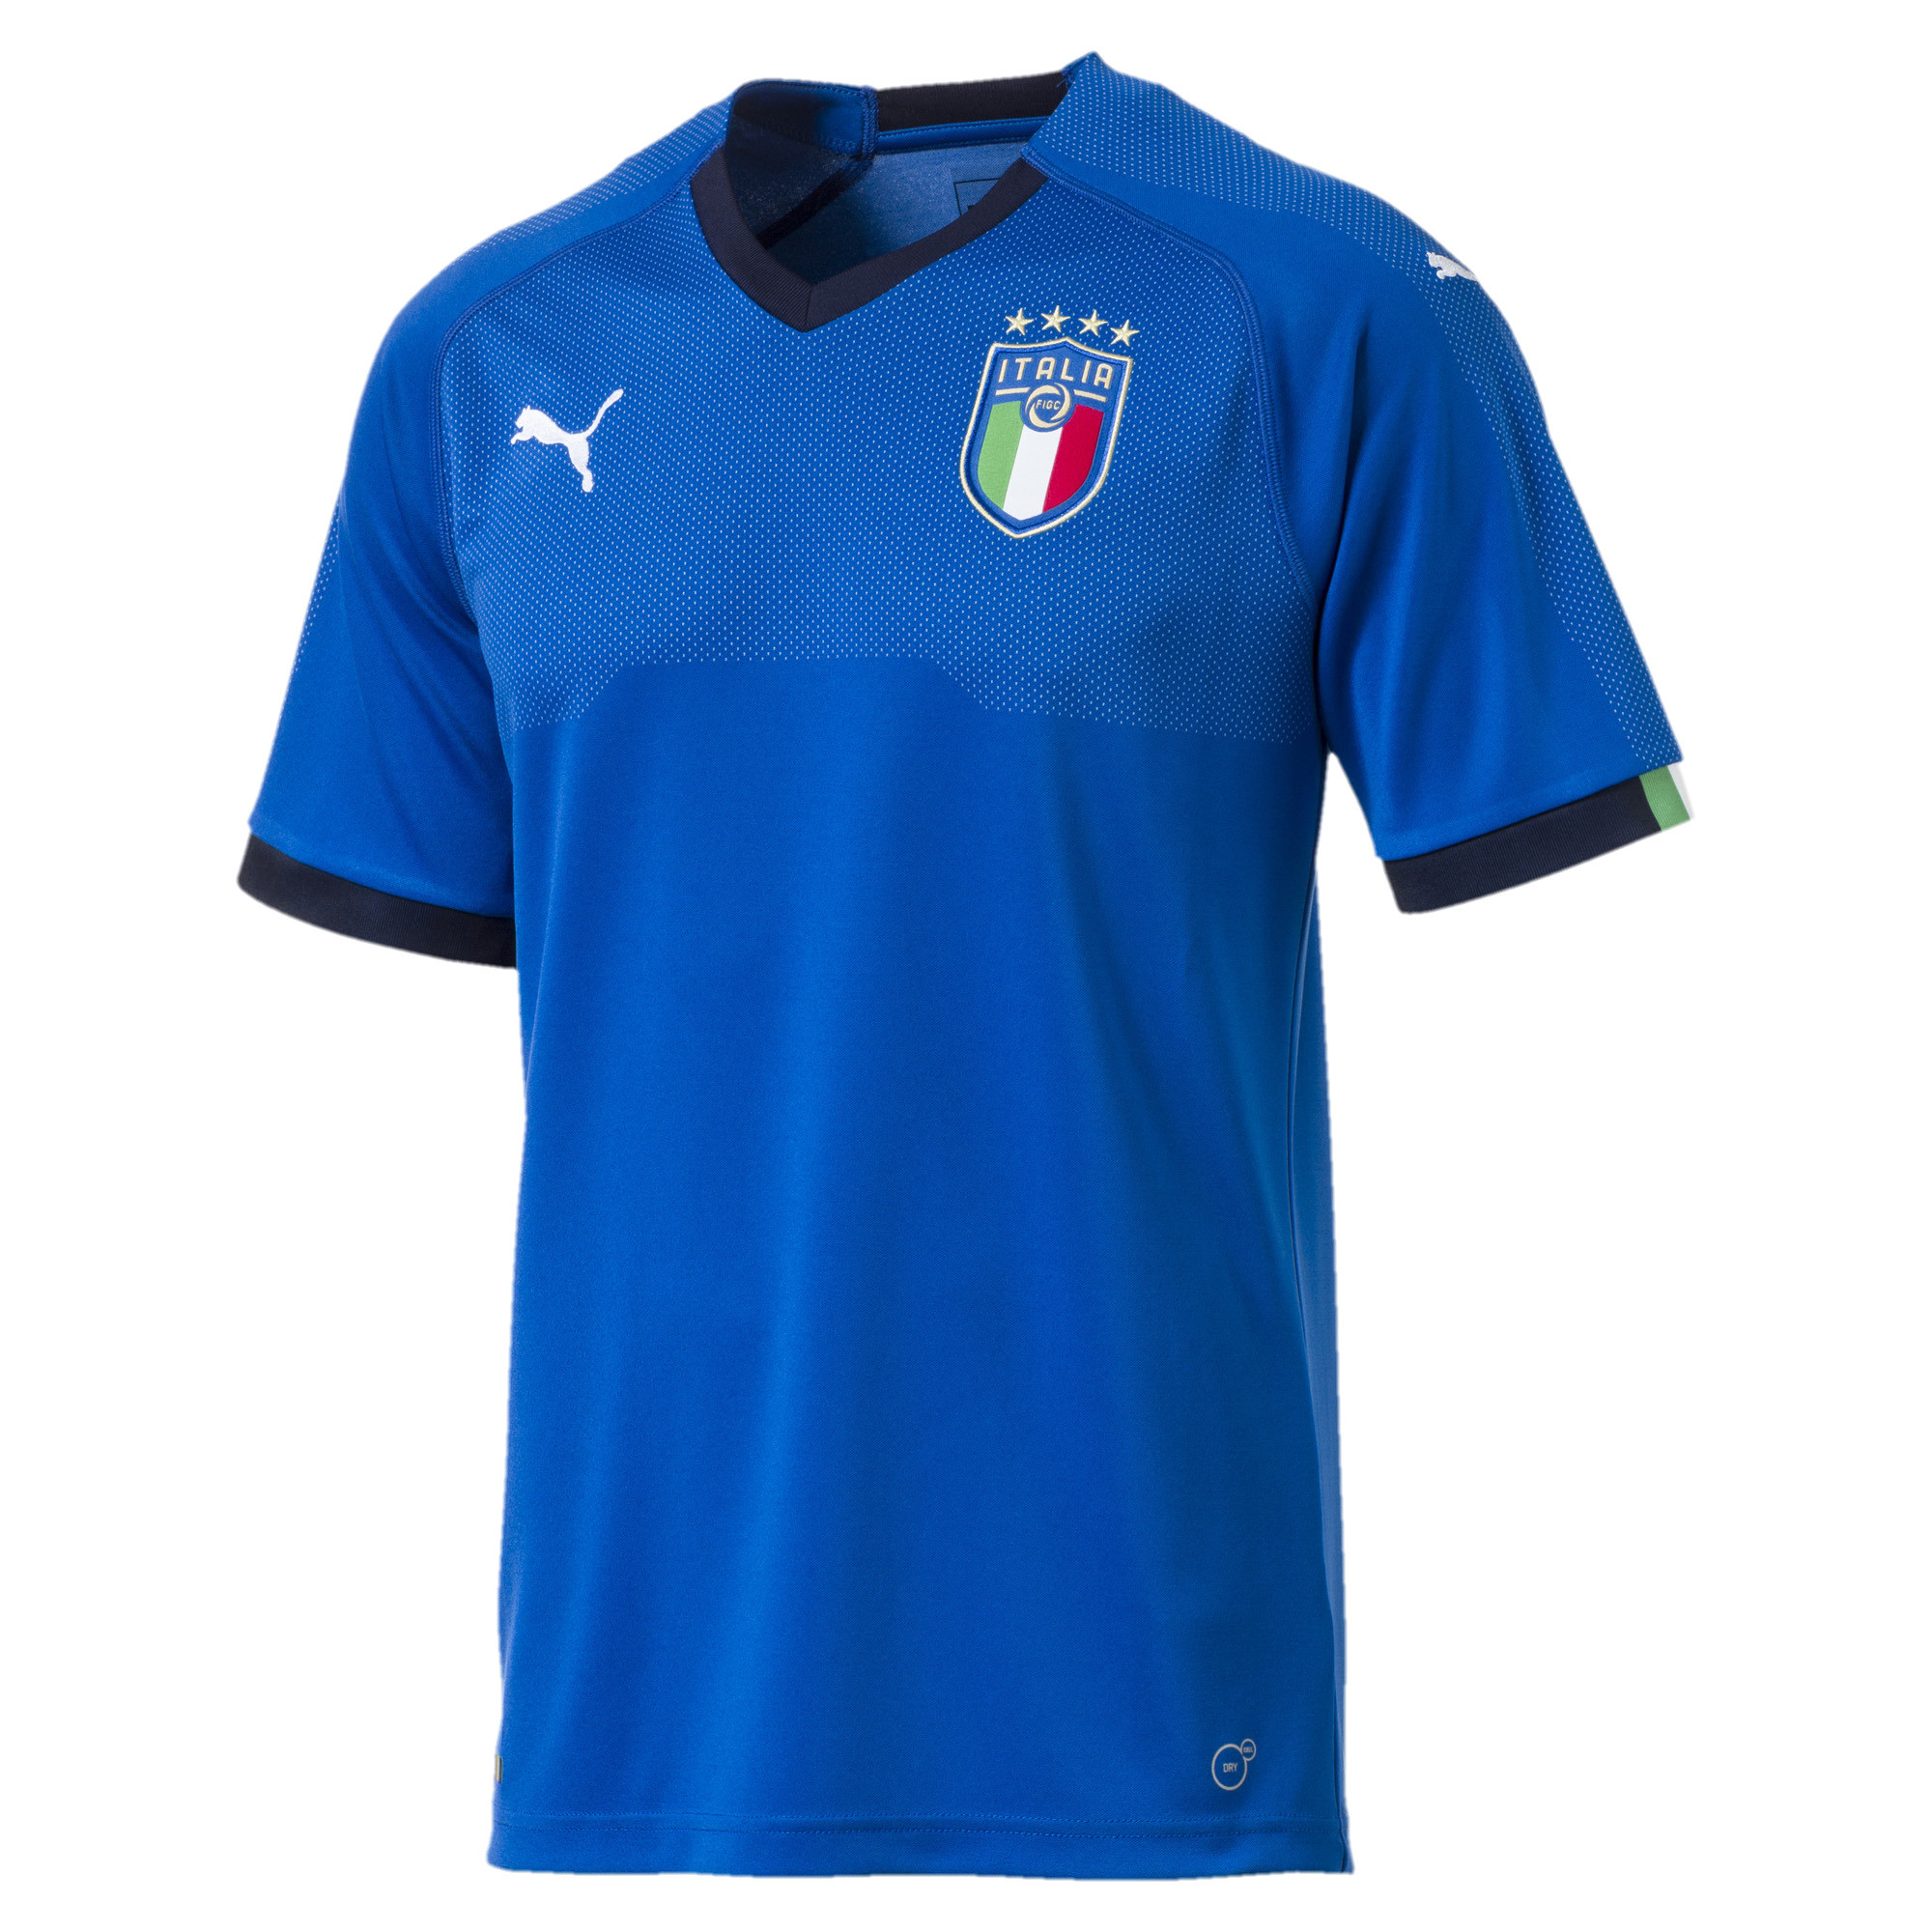 【プーマ公式通販】 プーマ FIGC ITALIA HOME SHIRT REPLICA メンズ Team Power Blue-Peacoat |PUMA.com